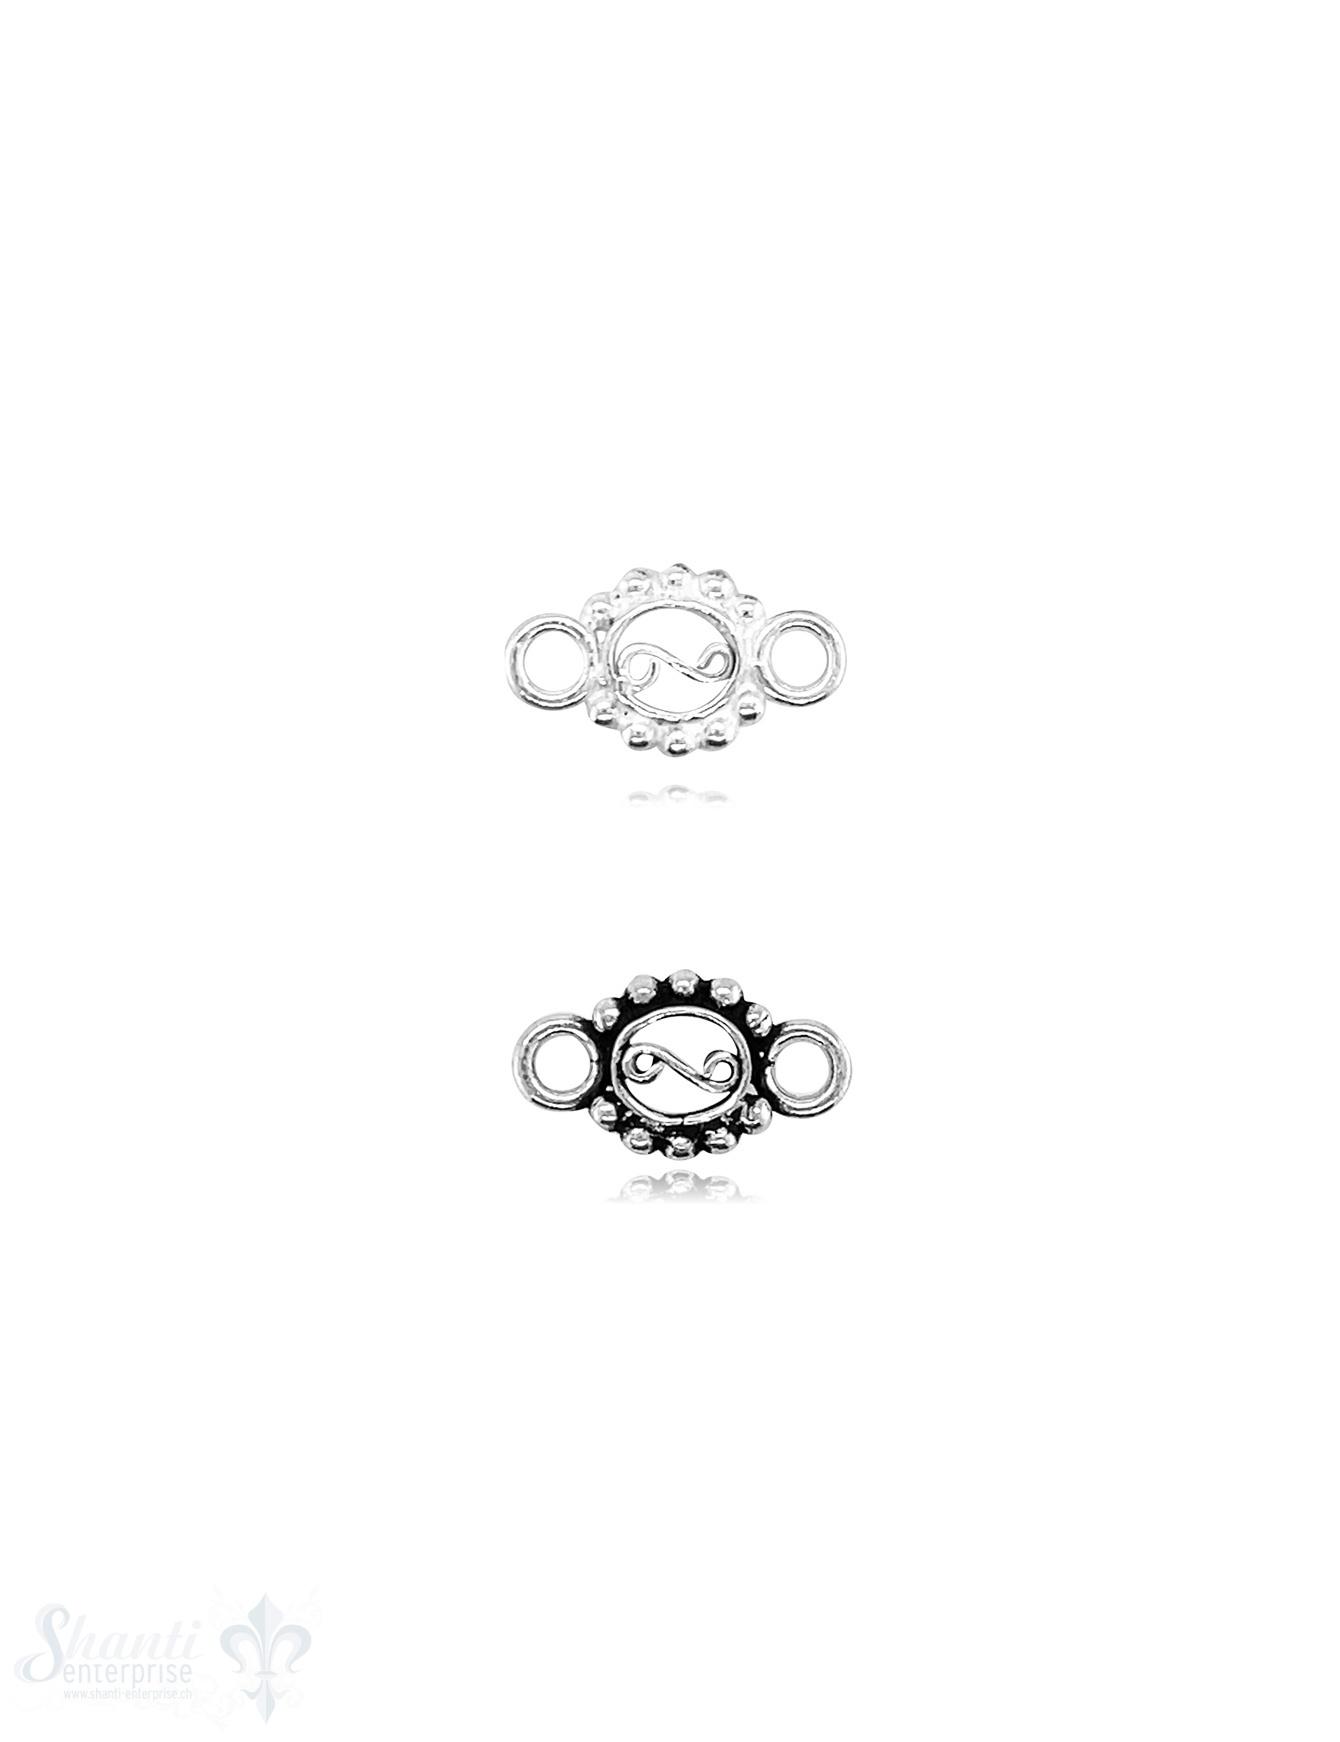 Oval 15x8 mm Silber gepunktet mit. Doppelösen ID2,5 mm 1 Pack = 3 Stück   Ag 925